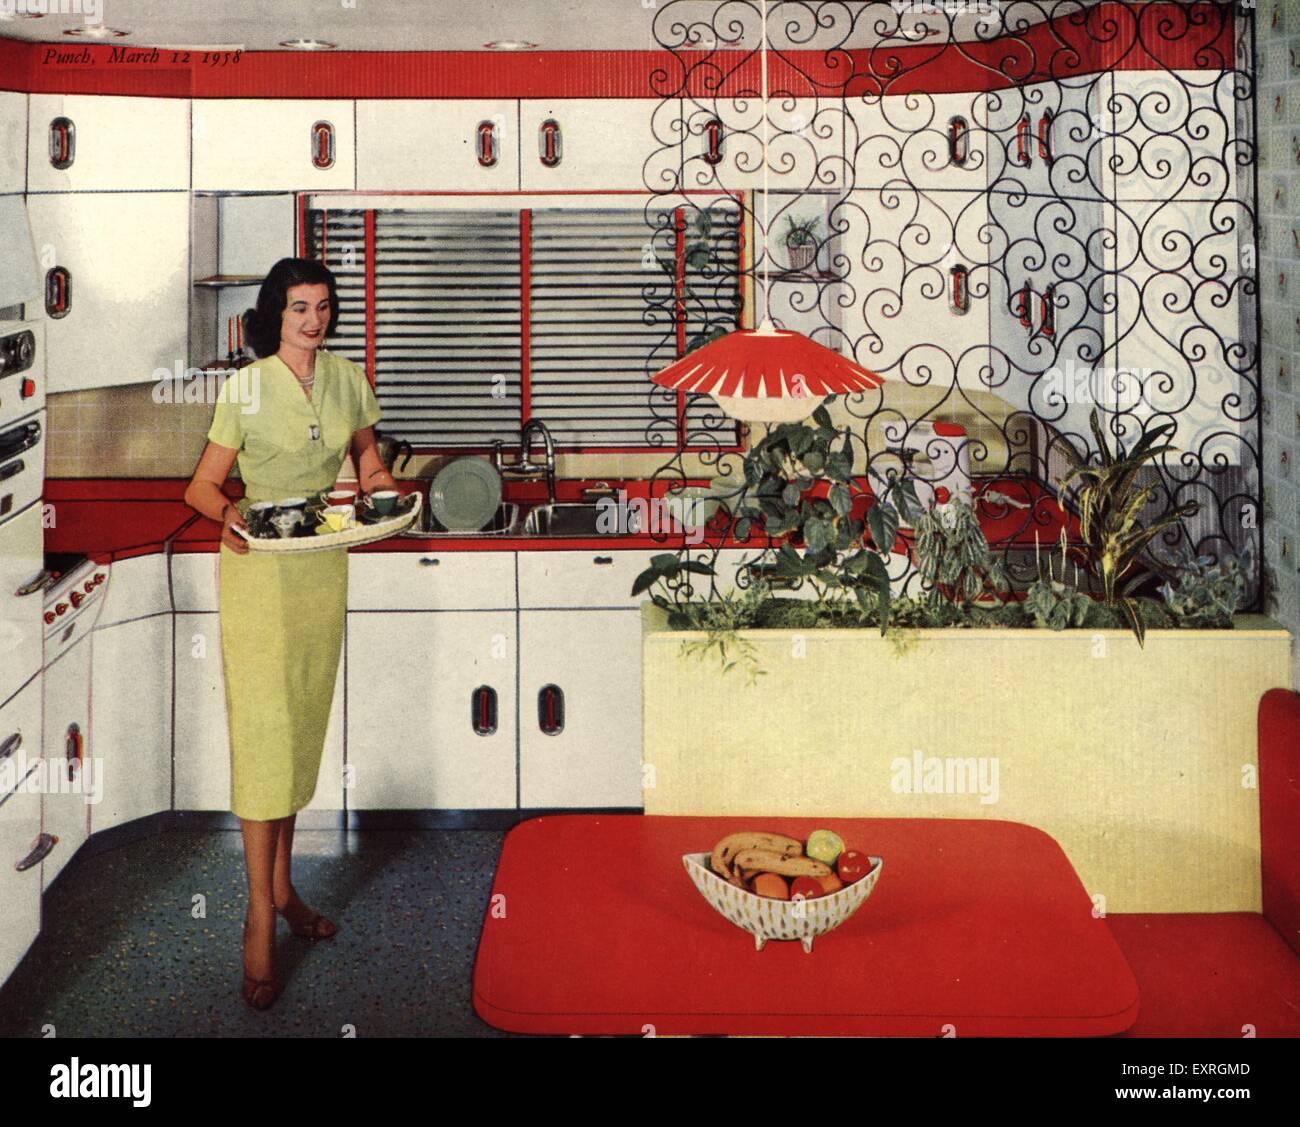 1950er Jahre UK Küchen Magazin Anzeige (Detail Stockfoto, Bild ...